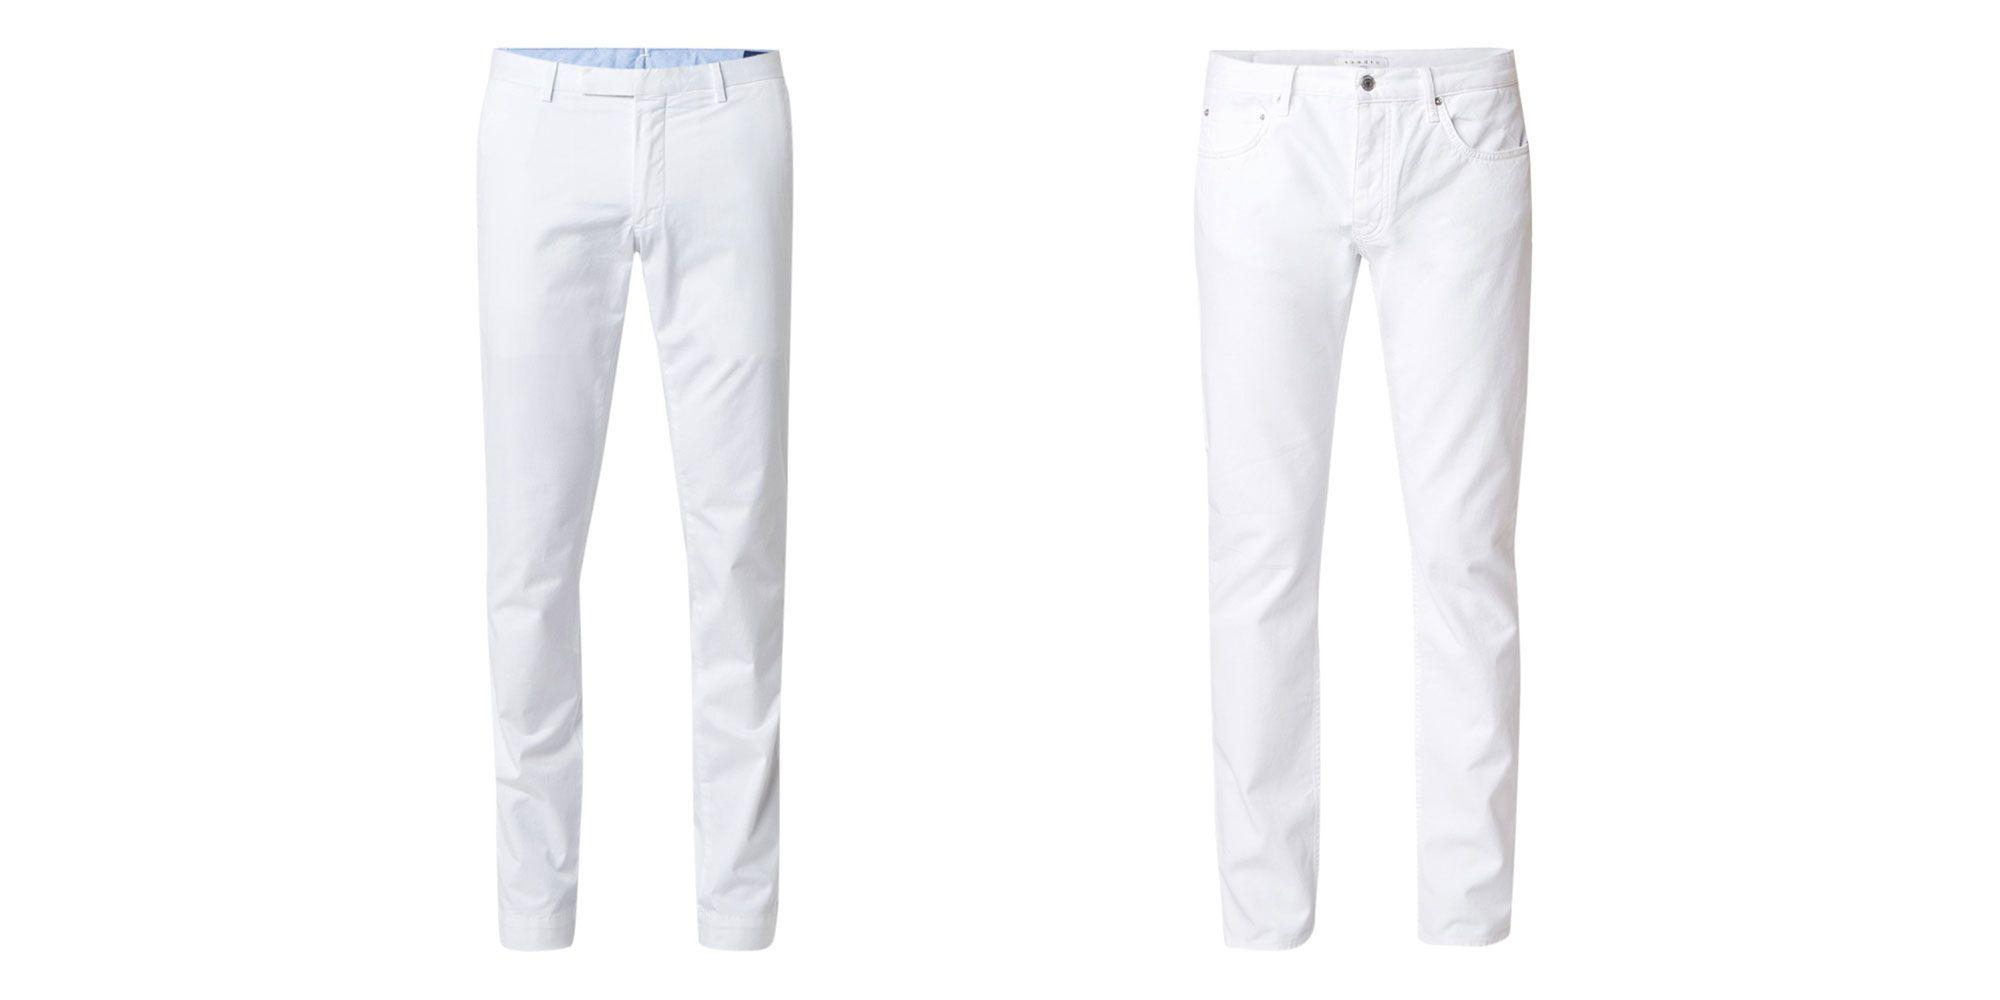 De witte broek: alleen stijlvolle mannen kunnen hem aan